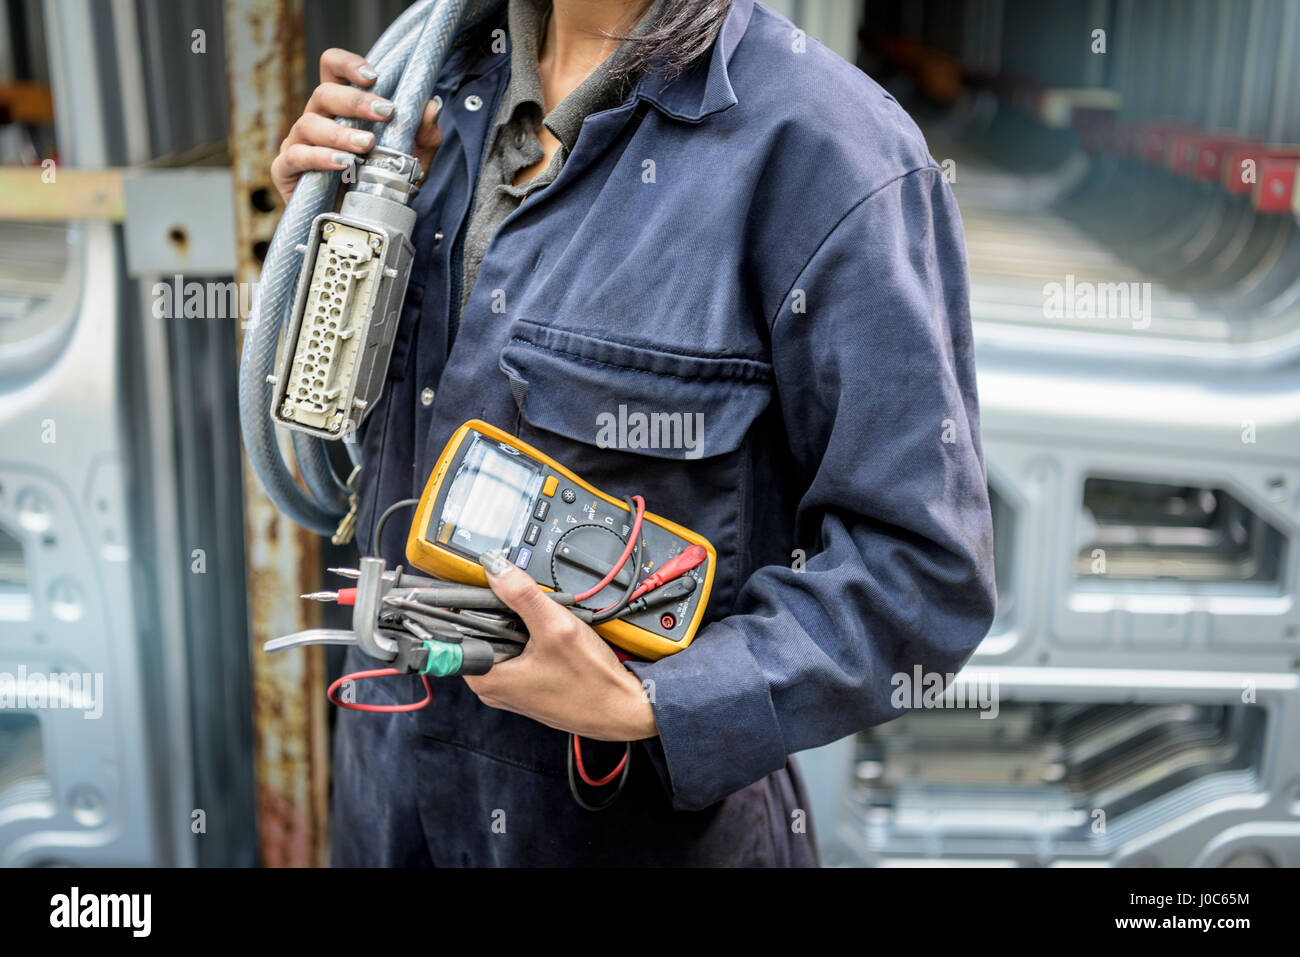 Weiblichen Lehrling Elektriker Holding Ausrüstung in Automobilfabrik, Nahaufnahme Stockbild